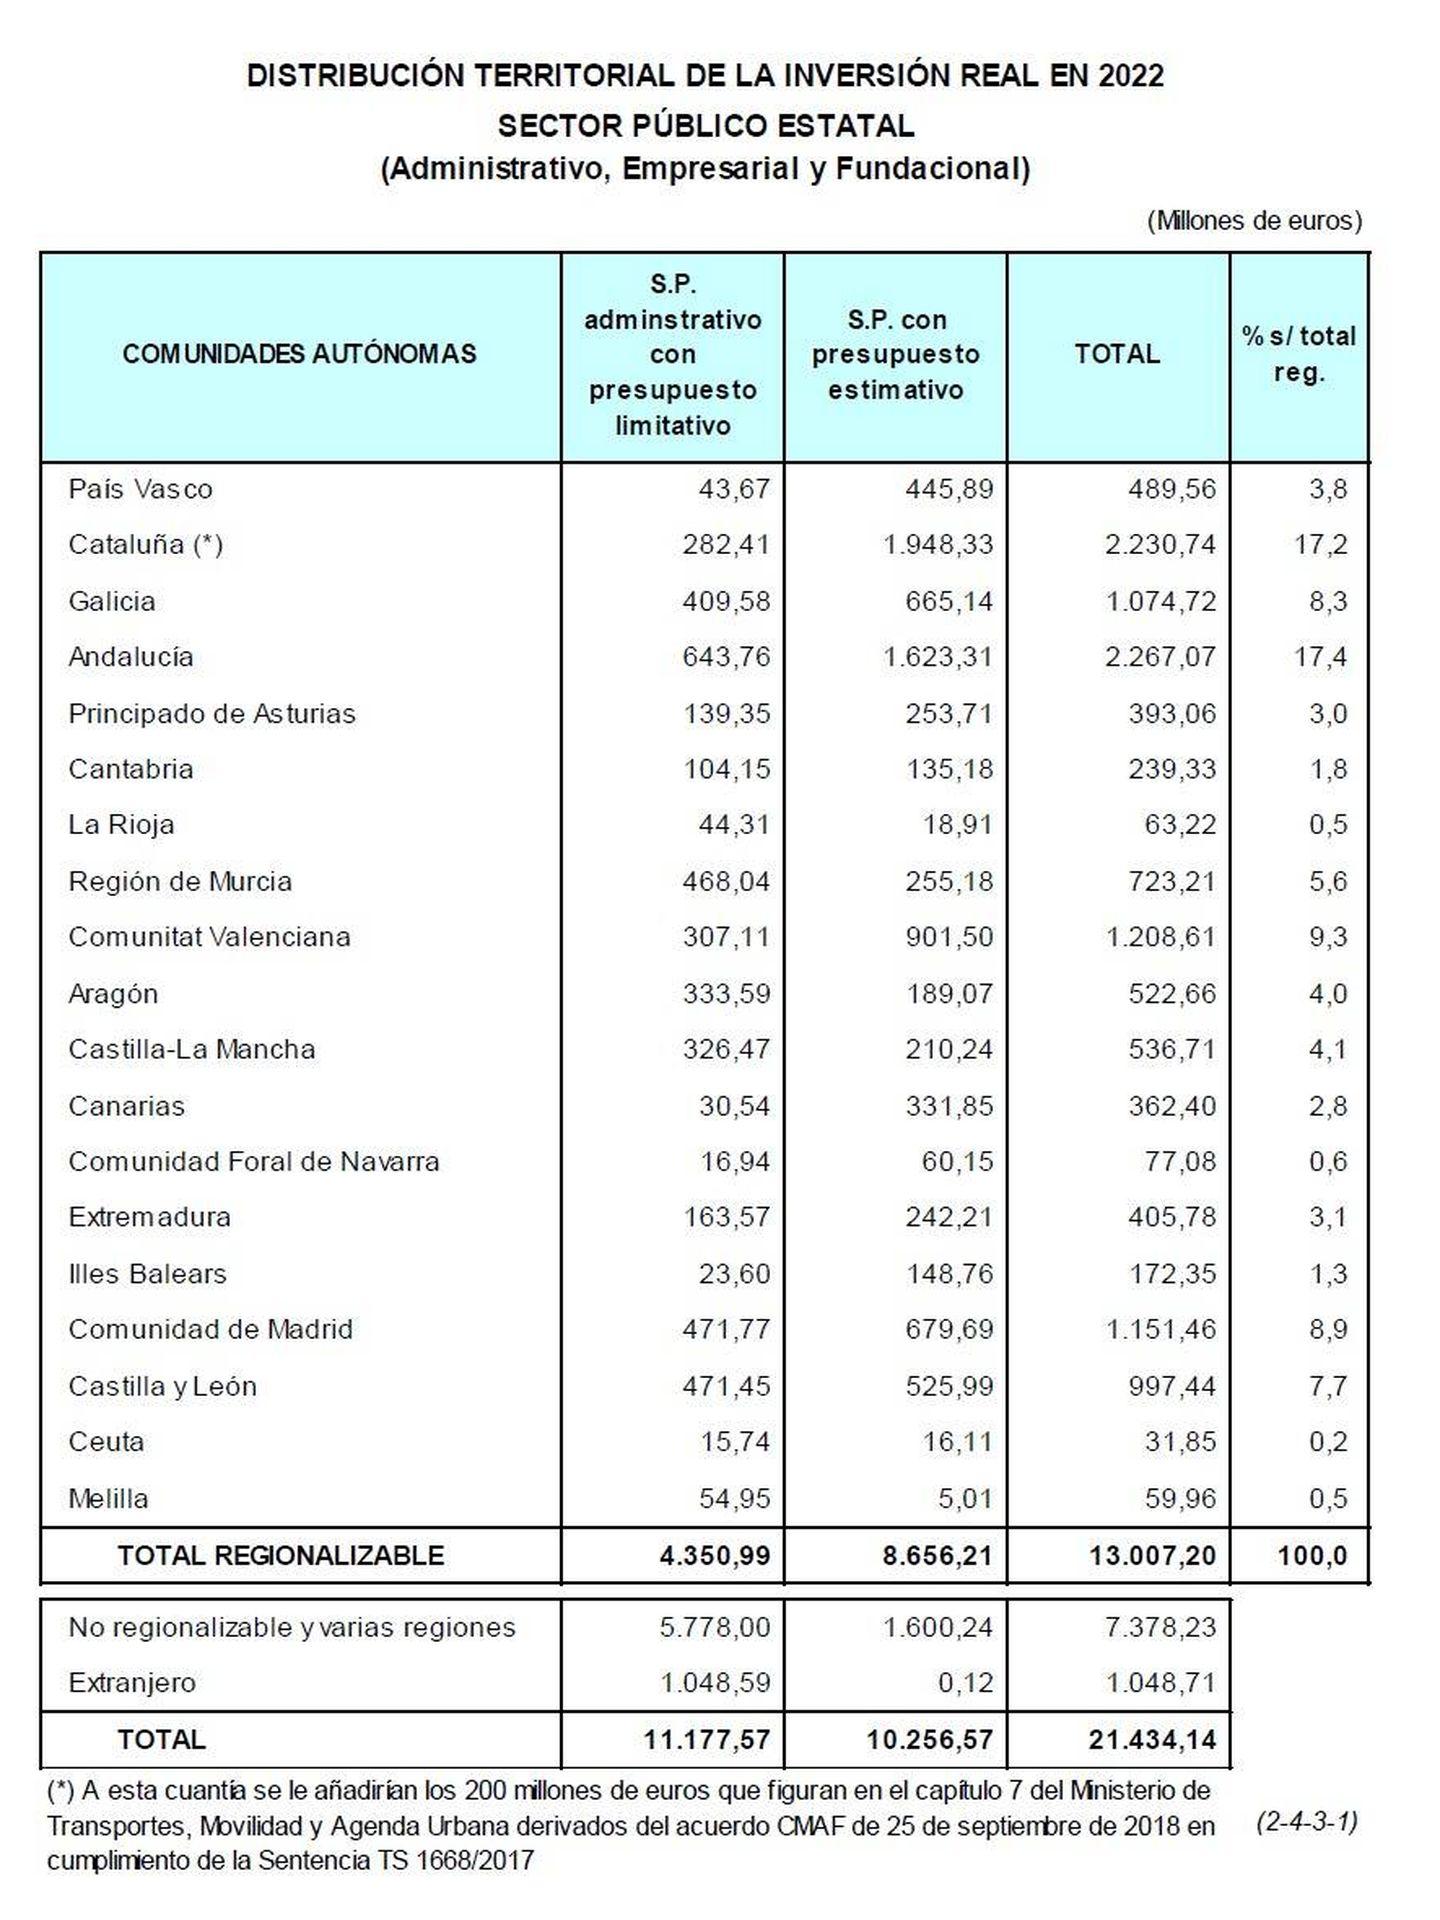 Distribución territorial de la inversión real prevista para 2022.